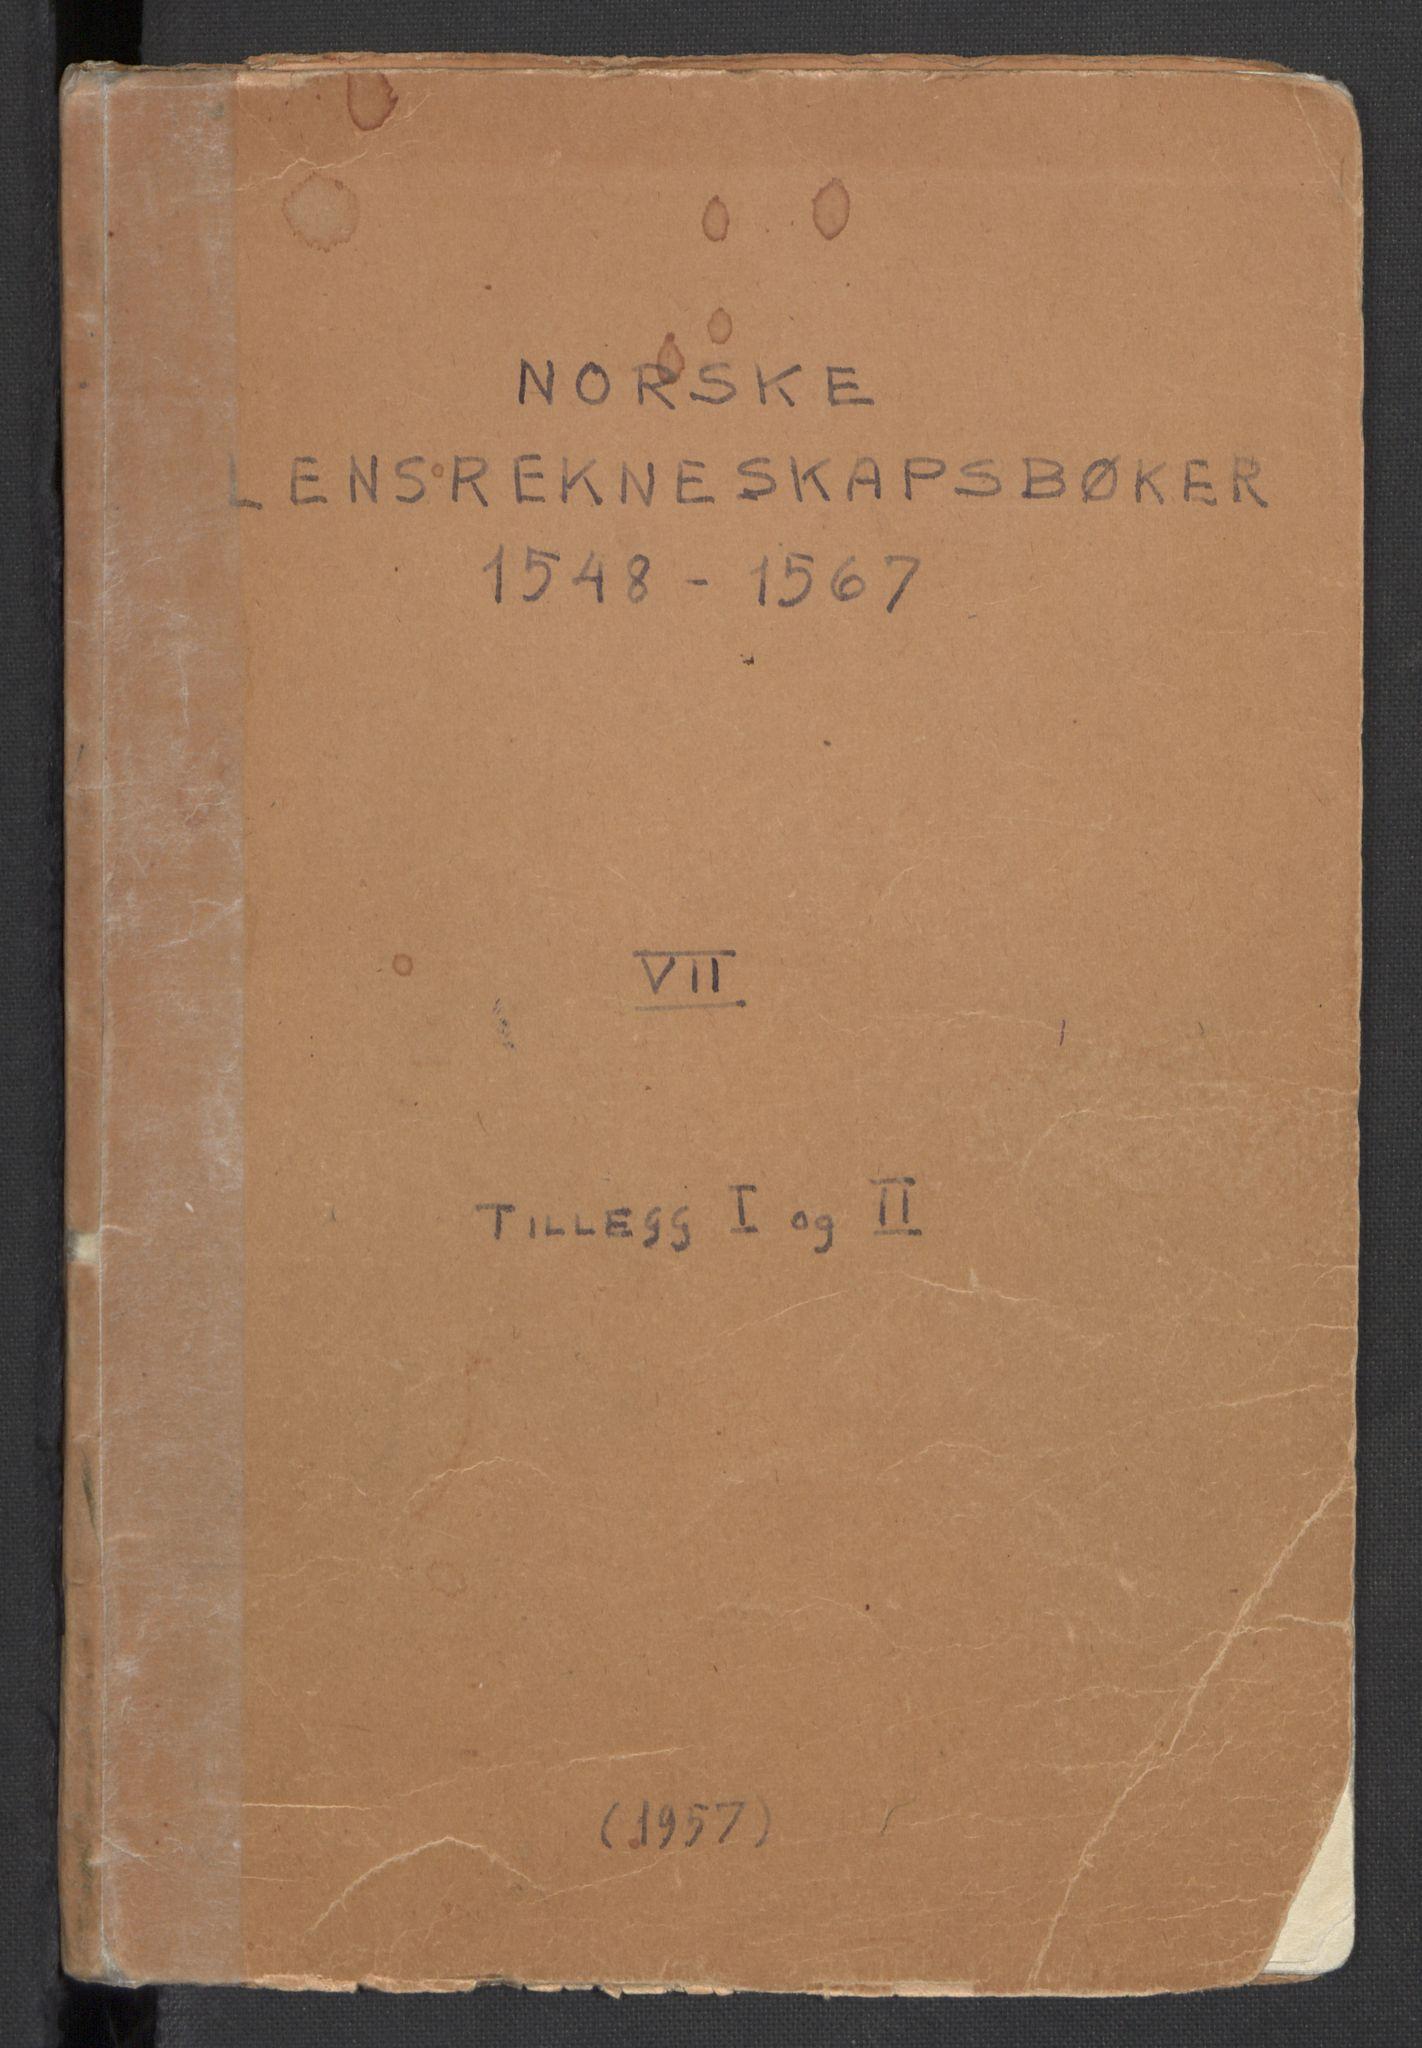 RA, Norske Lensrekneskapsbøker (publikasjon)*, 1548-1567